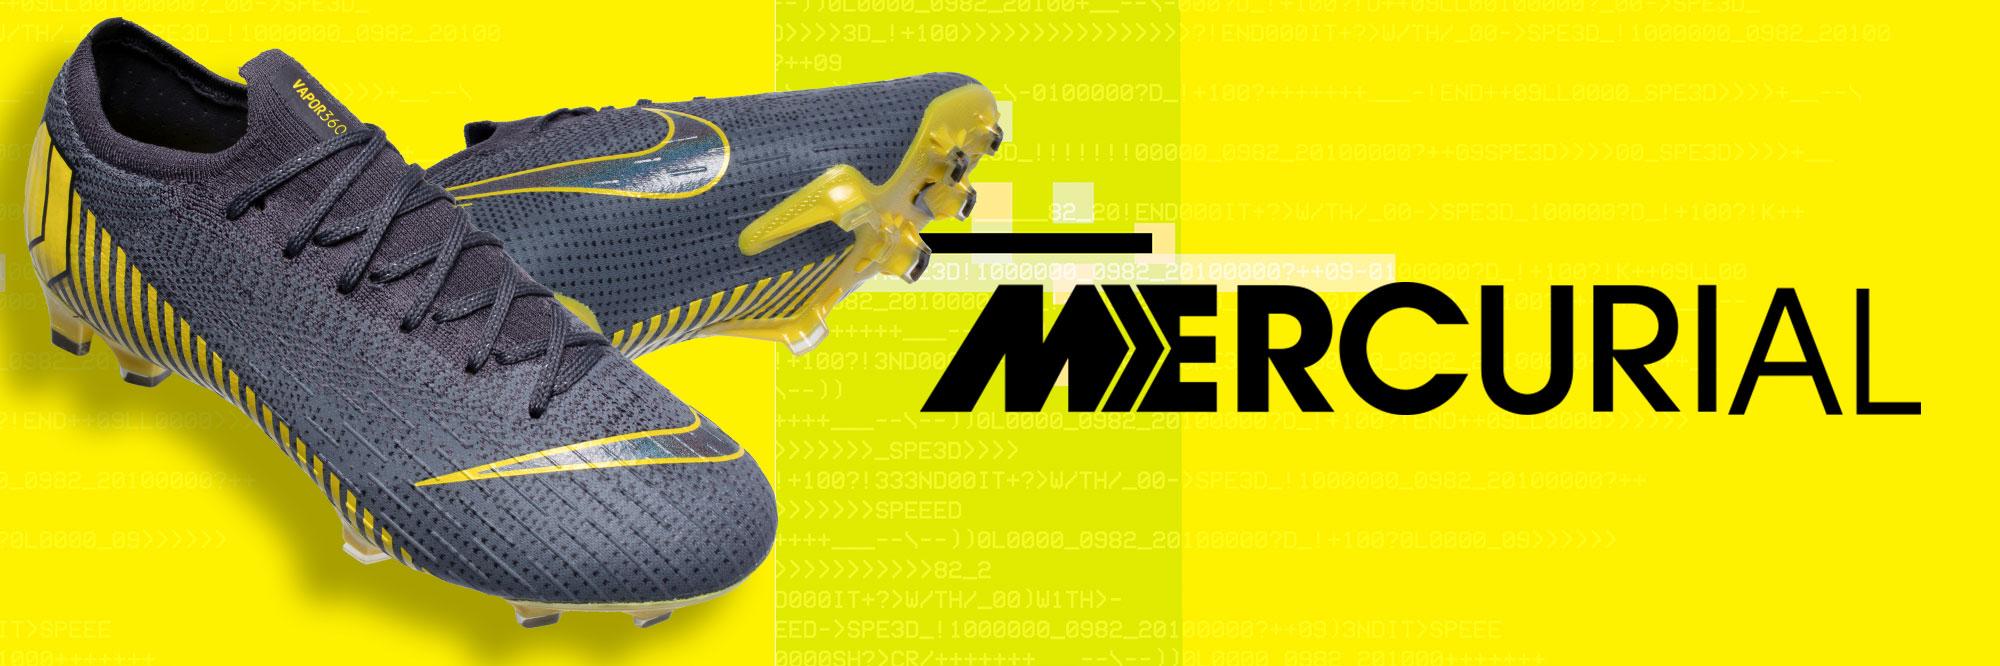 dd9afa0f688a9c Buy Nike® Mercurial Vapor™